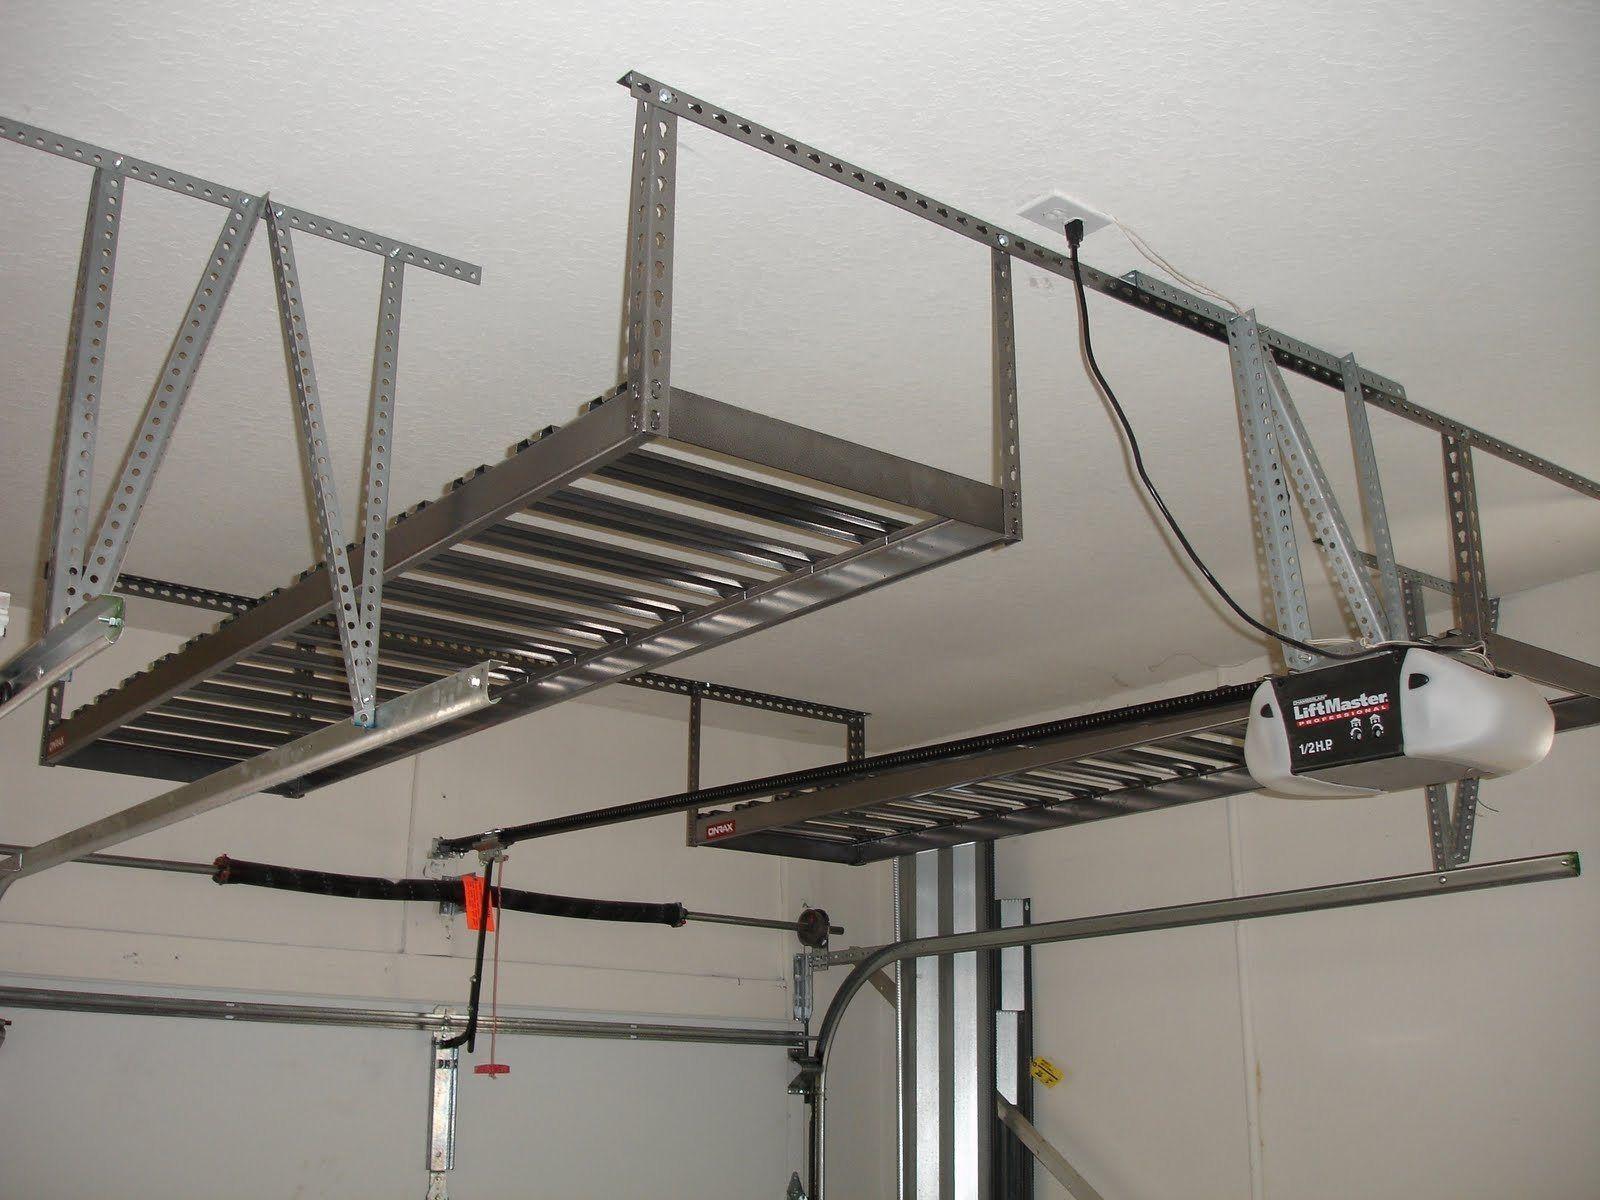 Garage Overhead Storage Design Home Ideas 2018 Overhead Garage Storage Diy Overhead Garage Storage Garage Ceiling Storage